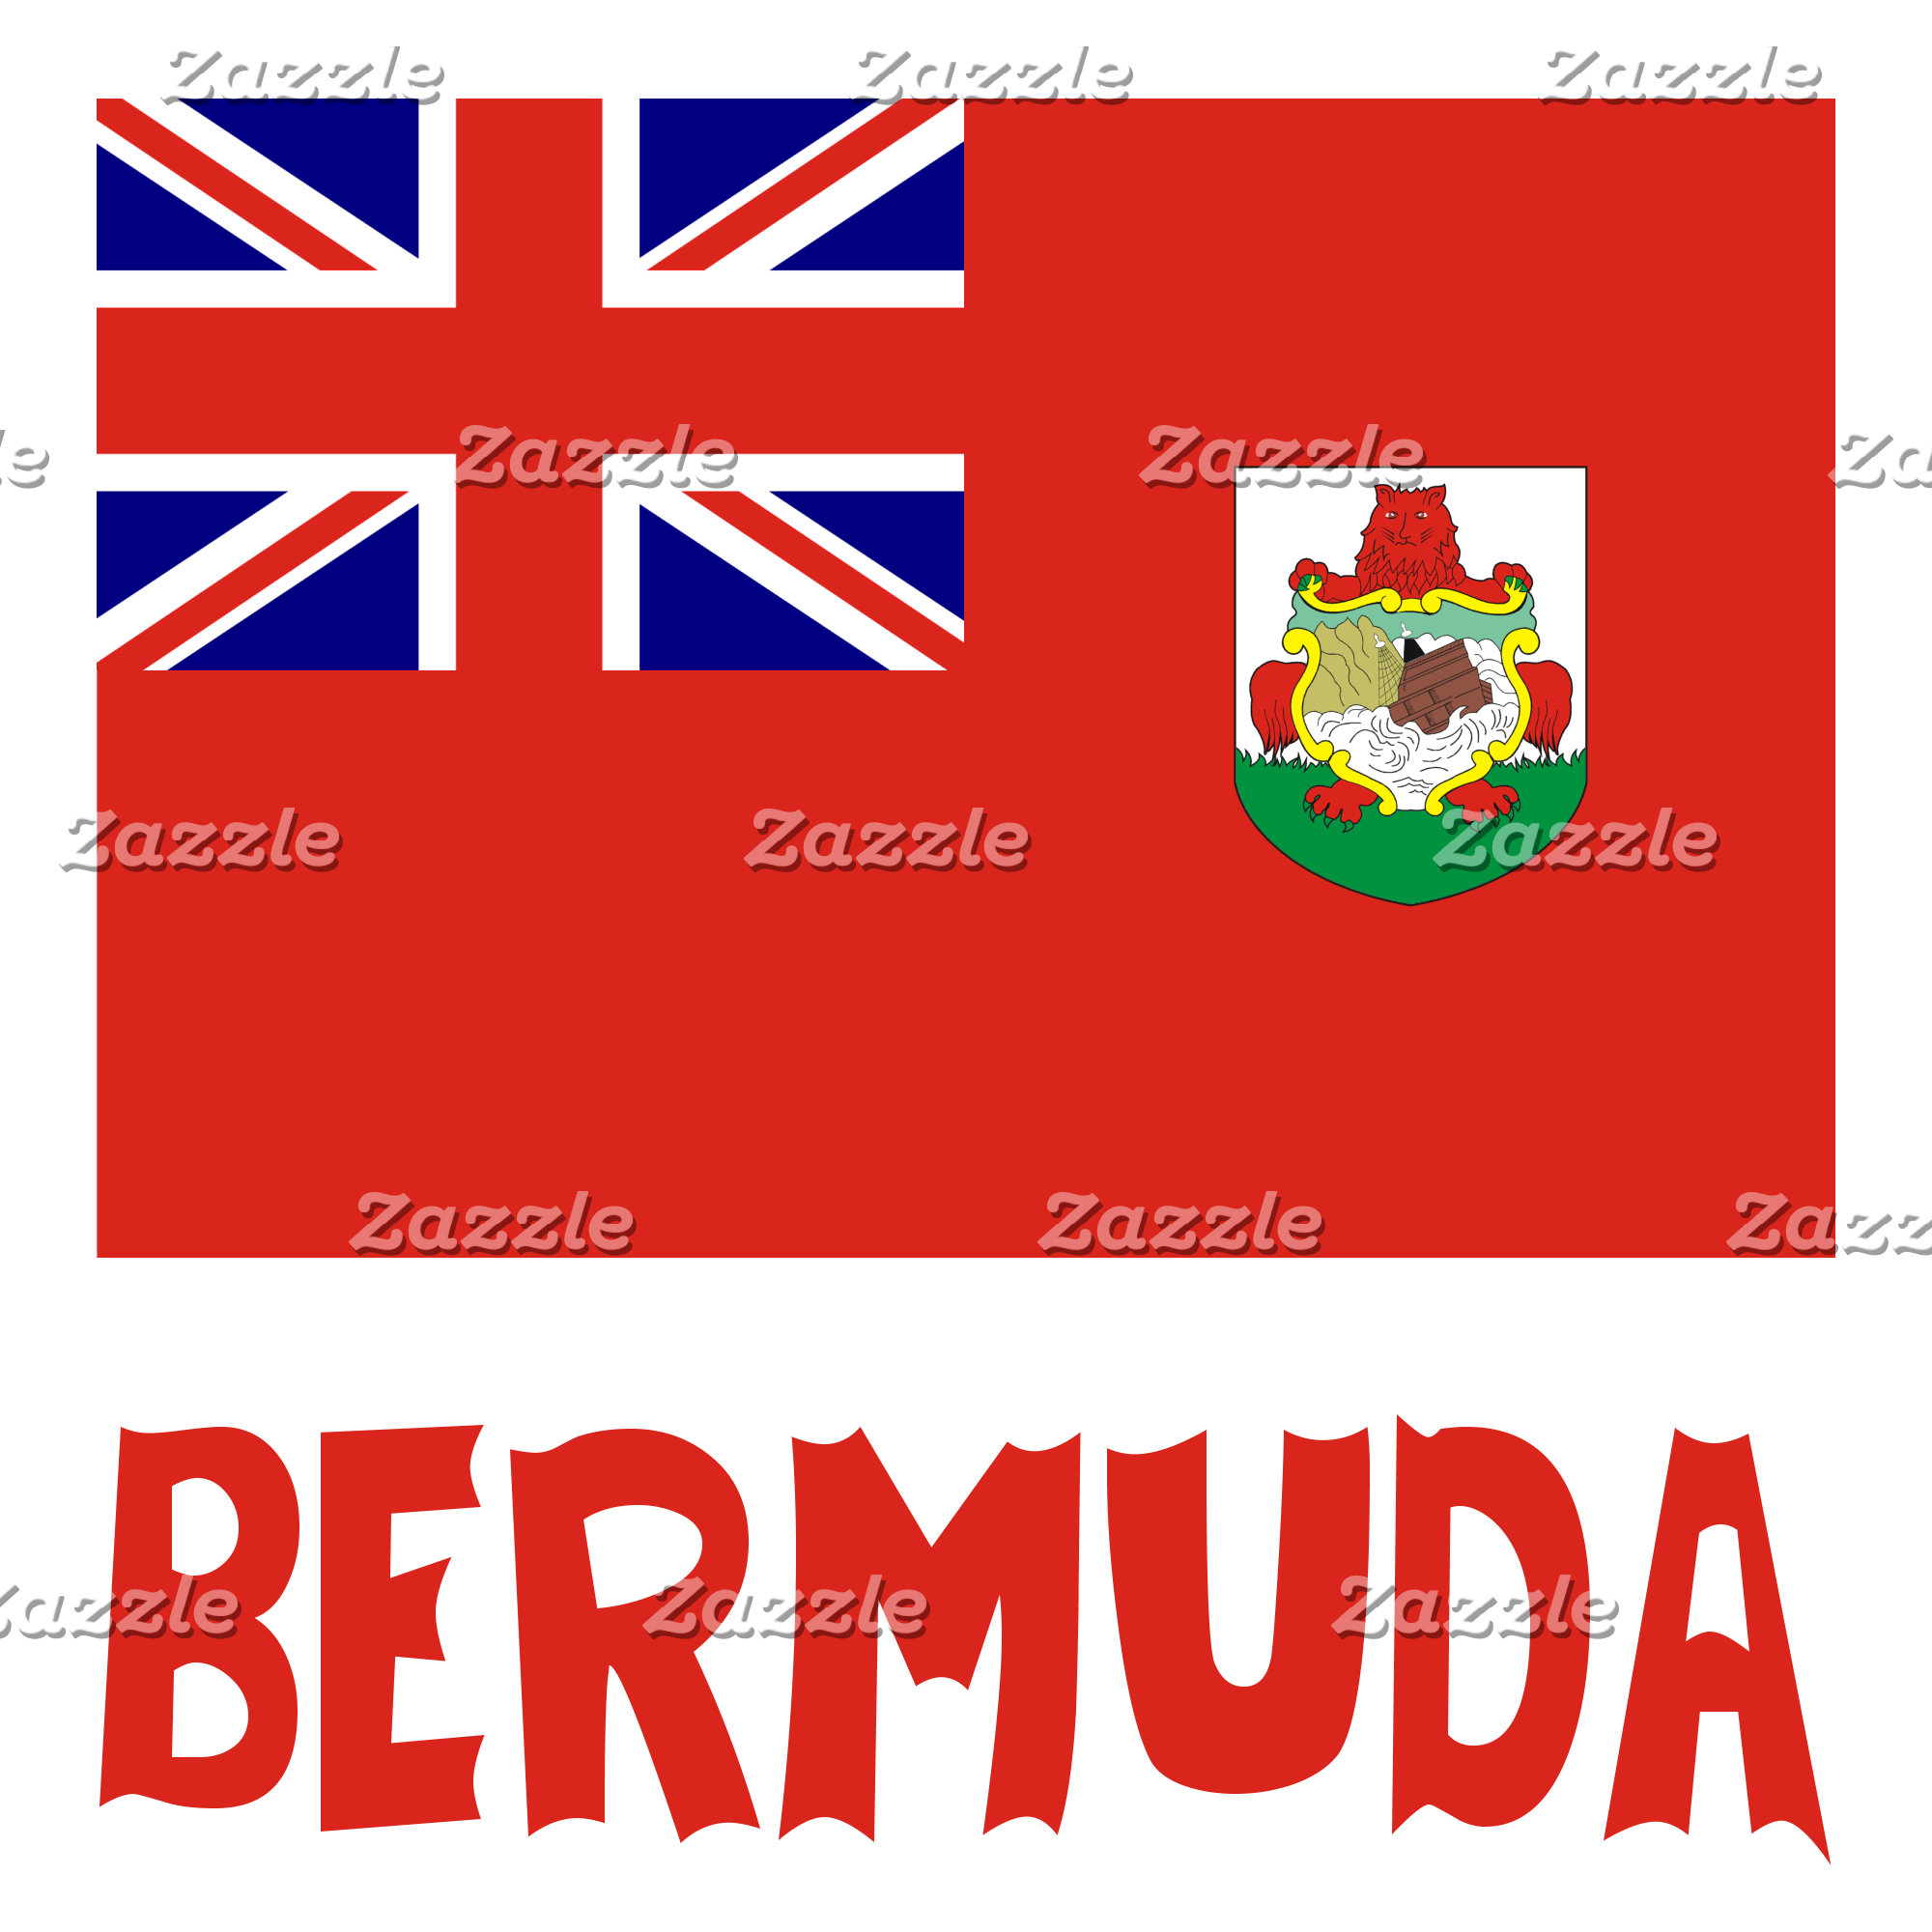 Bermudan Flag and Bermuda